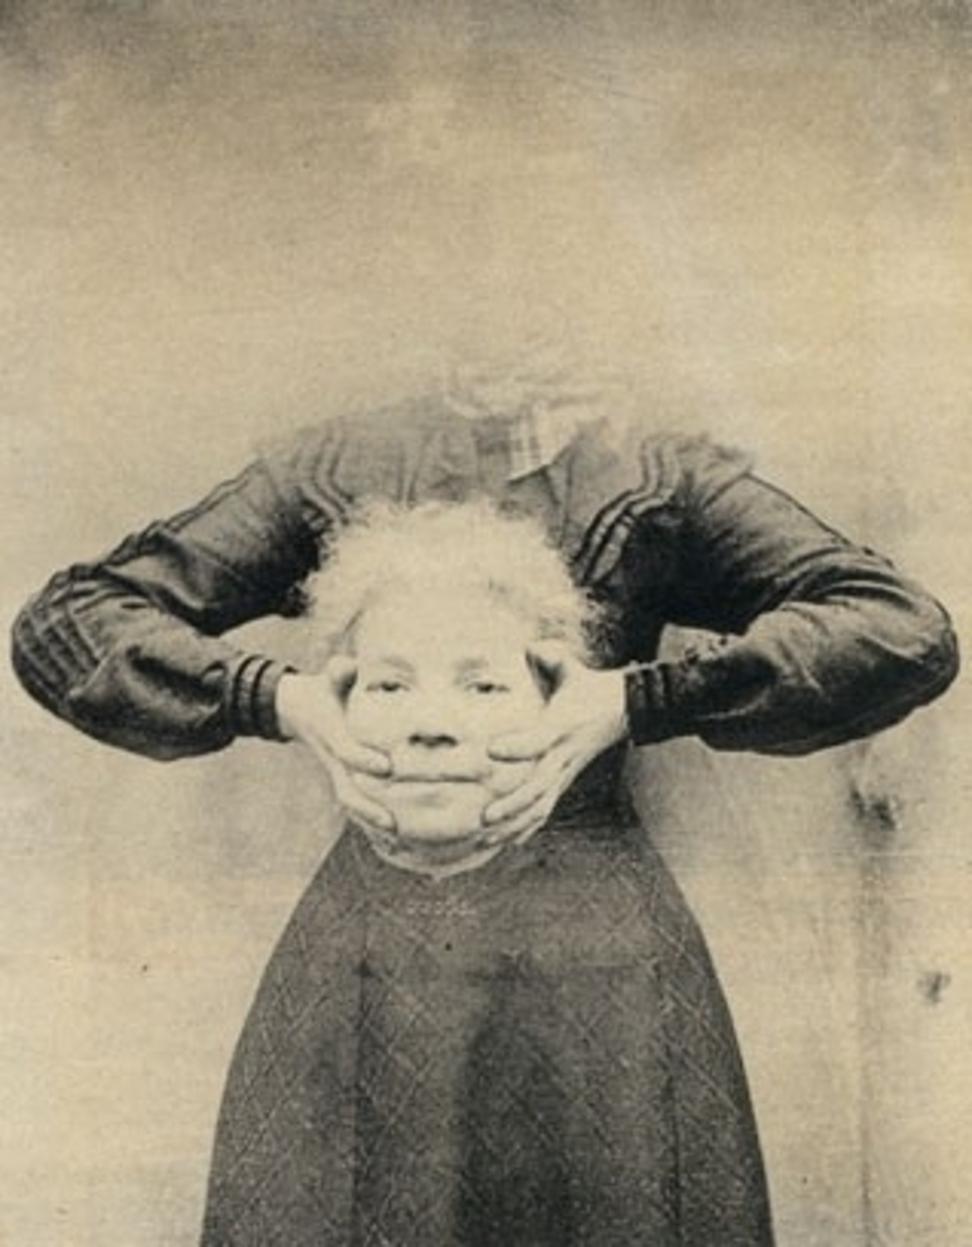 Hölgy a saját fejével a kezében (fotó: Wikipedia)